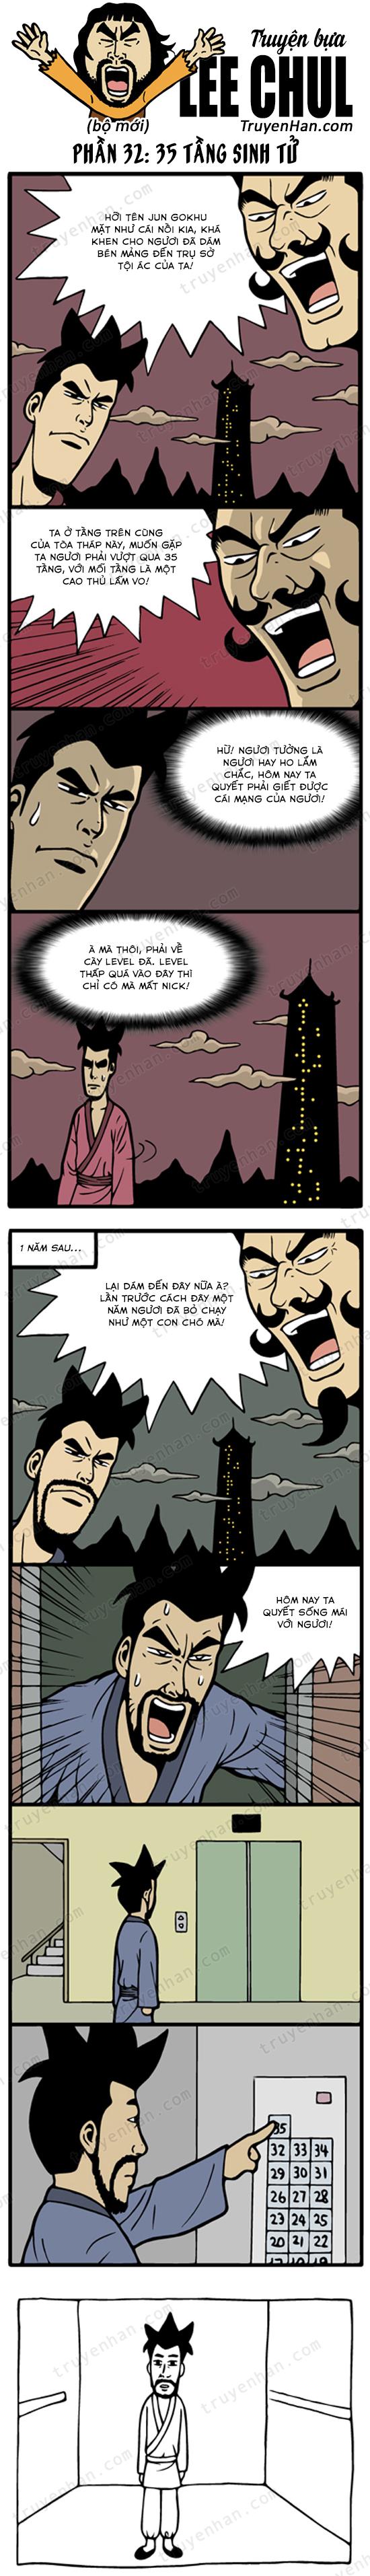 Lee Chul (bộ mới) phần 32: 35 tầng sinh tử